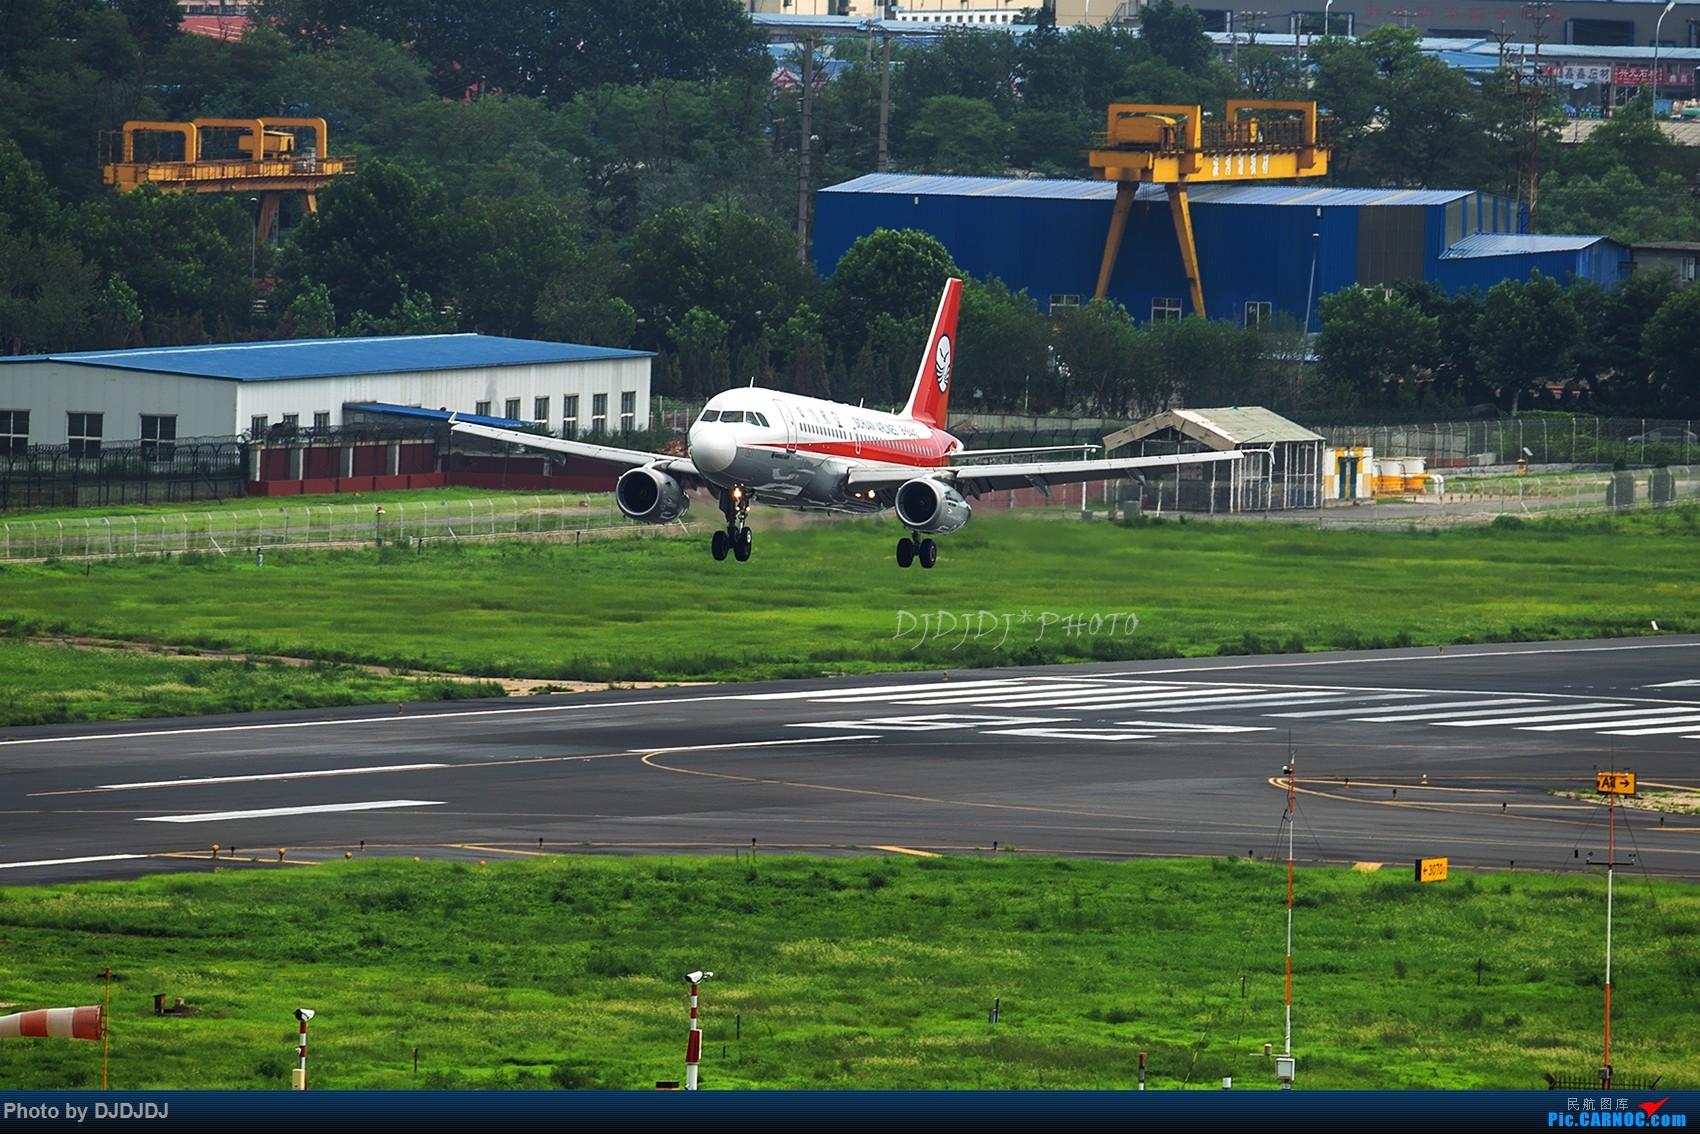 [原创]【BLDDQ】6442 AIRBUS A319-100 B-6442 中国大连周水子国际机场